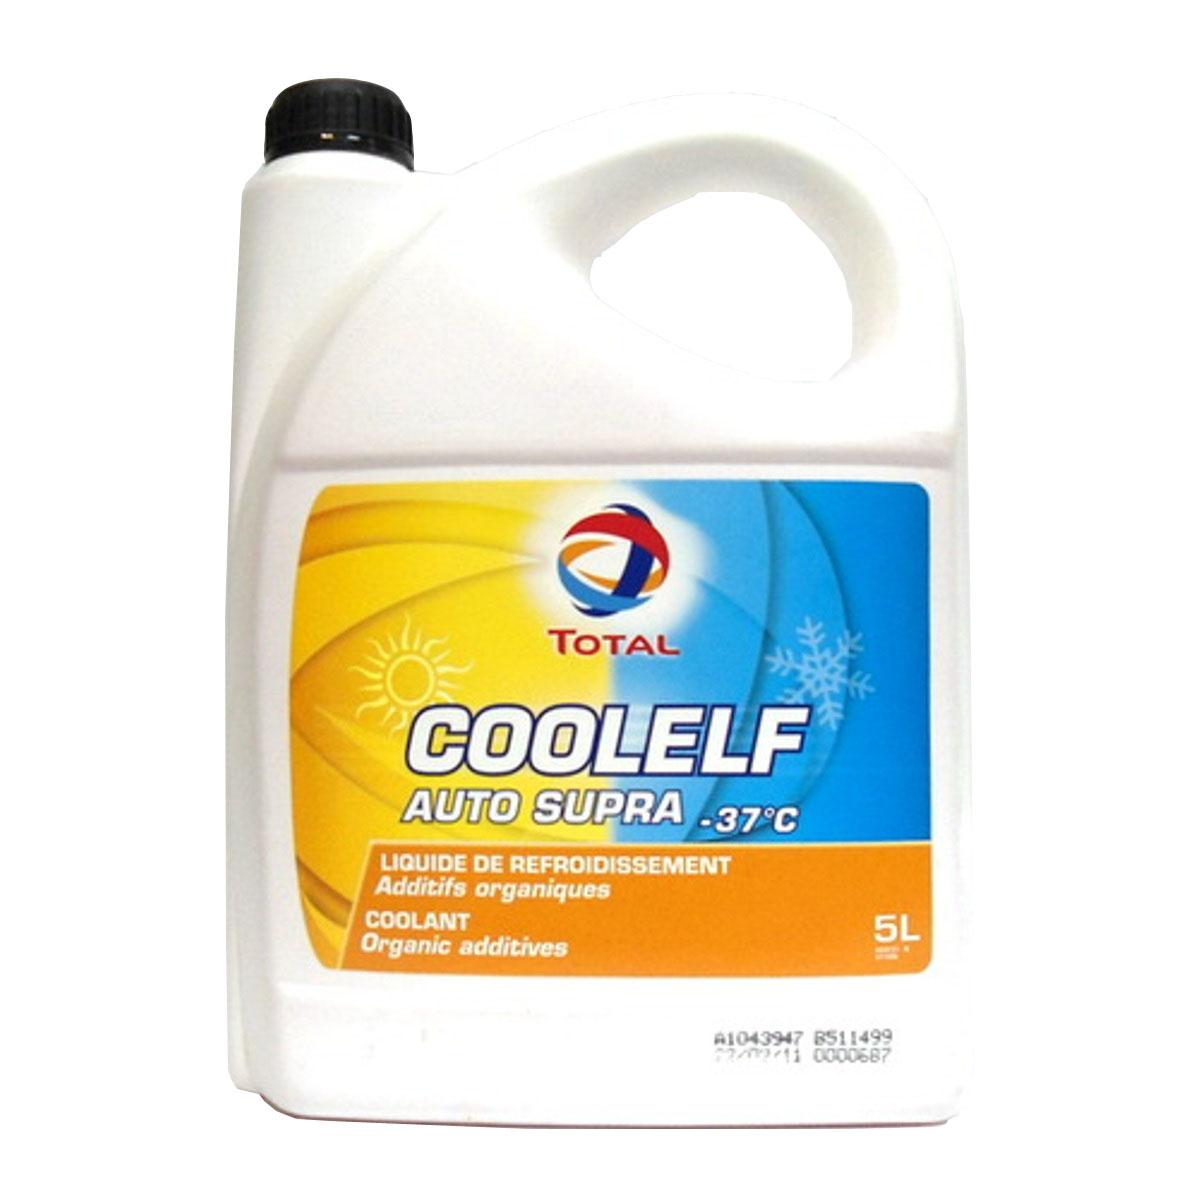 Охлаждающая жидкость Total Coolelf Auto Supra -37, 5 л147989Готовая охлаждающая жидкость с экстраувеличенным сроком службы на основе моноэтиленгликоля и органических ингибиторов коррозии. Температура застывания: -37°С. интервал замены - 5 лет (650 000 км для грузовиков, 250 000 км для легковых автомобилей). Жидкость уменьшает износ блока цилиндров и водяной помпы. не содержит силикатов, фосфатов, хроматов, нитритов или боратов. AFNOR NFR 15-601, BS 6580, ASTM D 3306, ASTM D 4656, ASTM D4985, MB 325.3, DEUTZ/MWM, FORD, MAN 324 TYP SNF, VW TL 774D, JAGUAR, LEYLAND TRUCKS, OPEL-GM 6277M, RENAULT VI, SCANIA, SAAB, SEAT, SKODA.